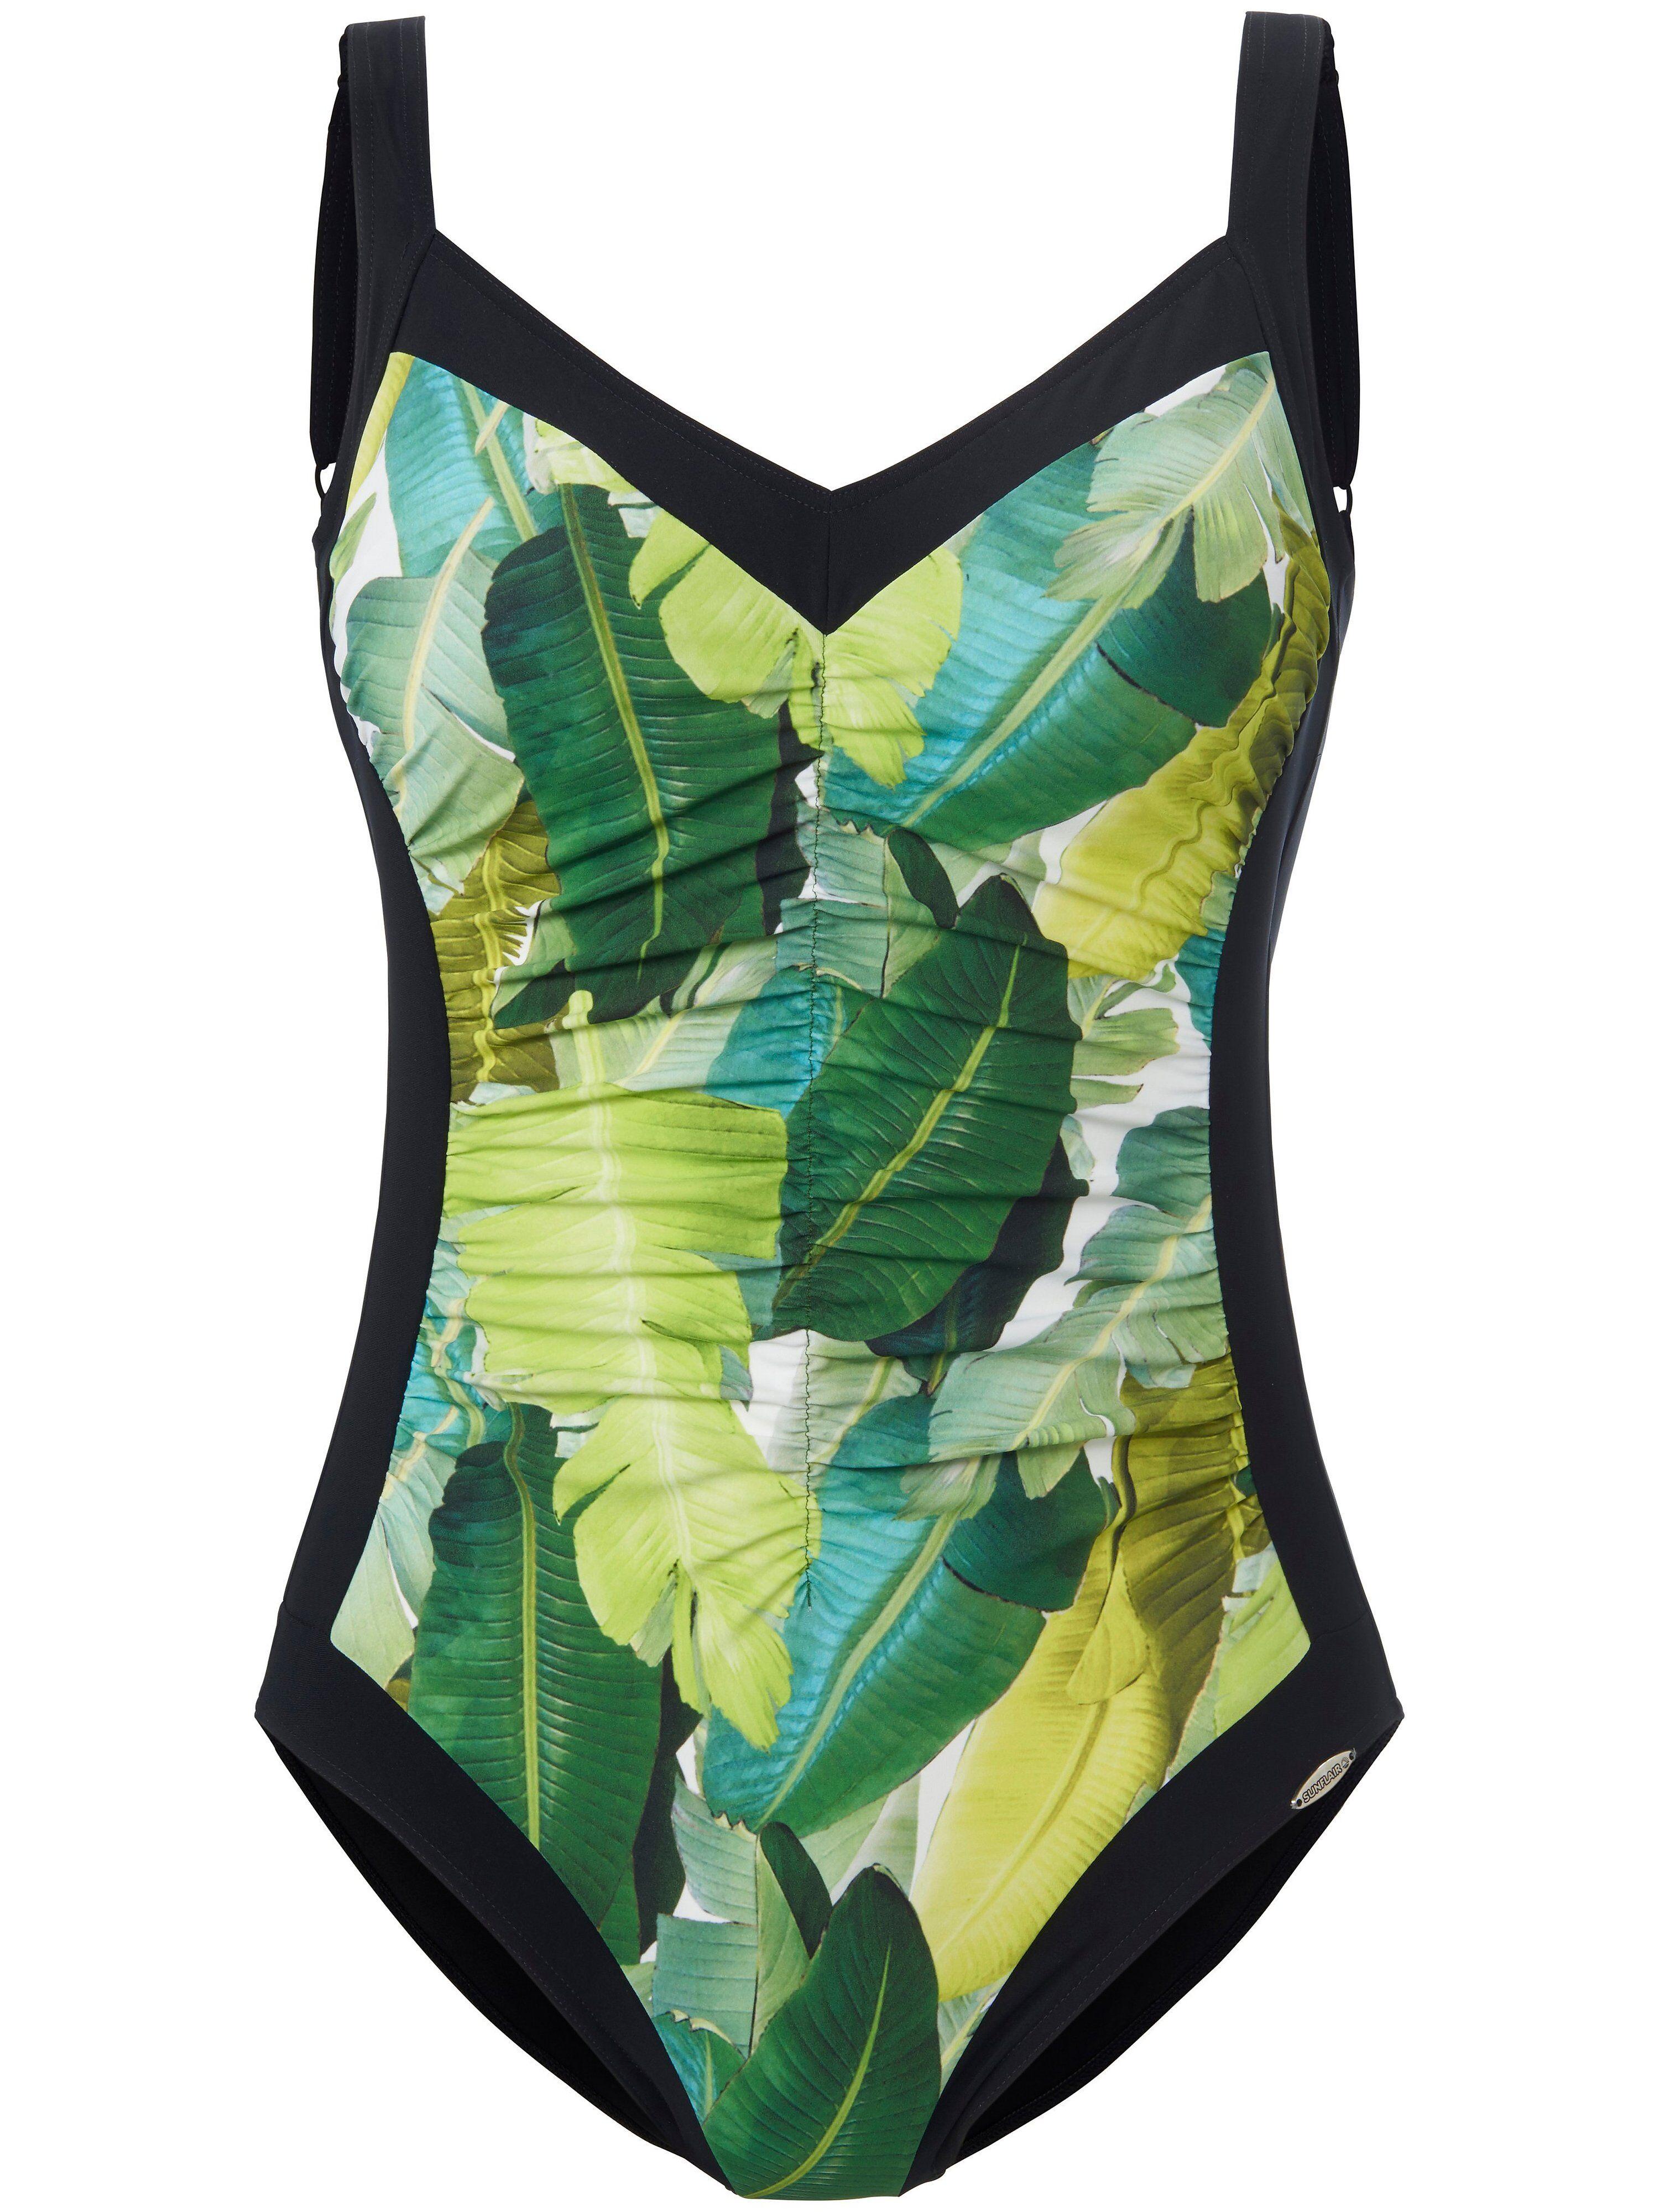 Sunflair Le maillot bain Xtra Life  Sunflair noir  - Femme - 44